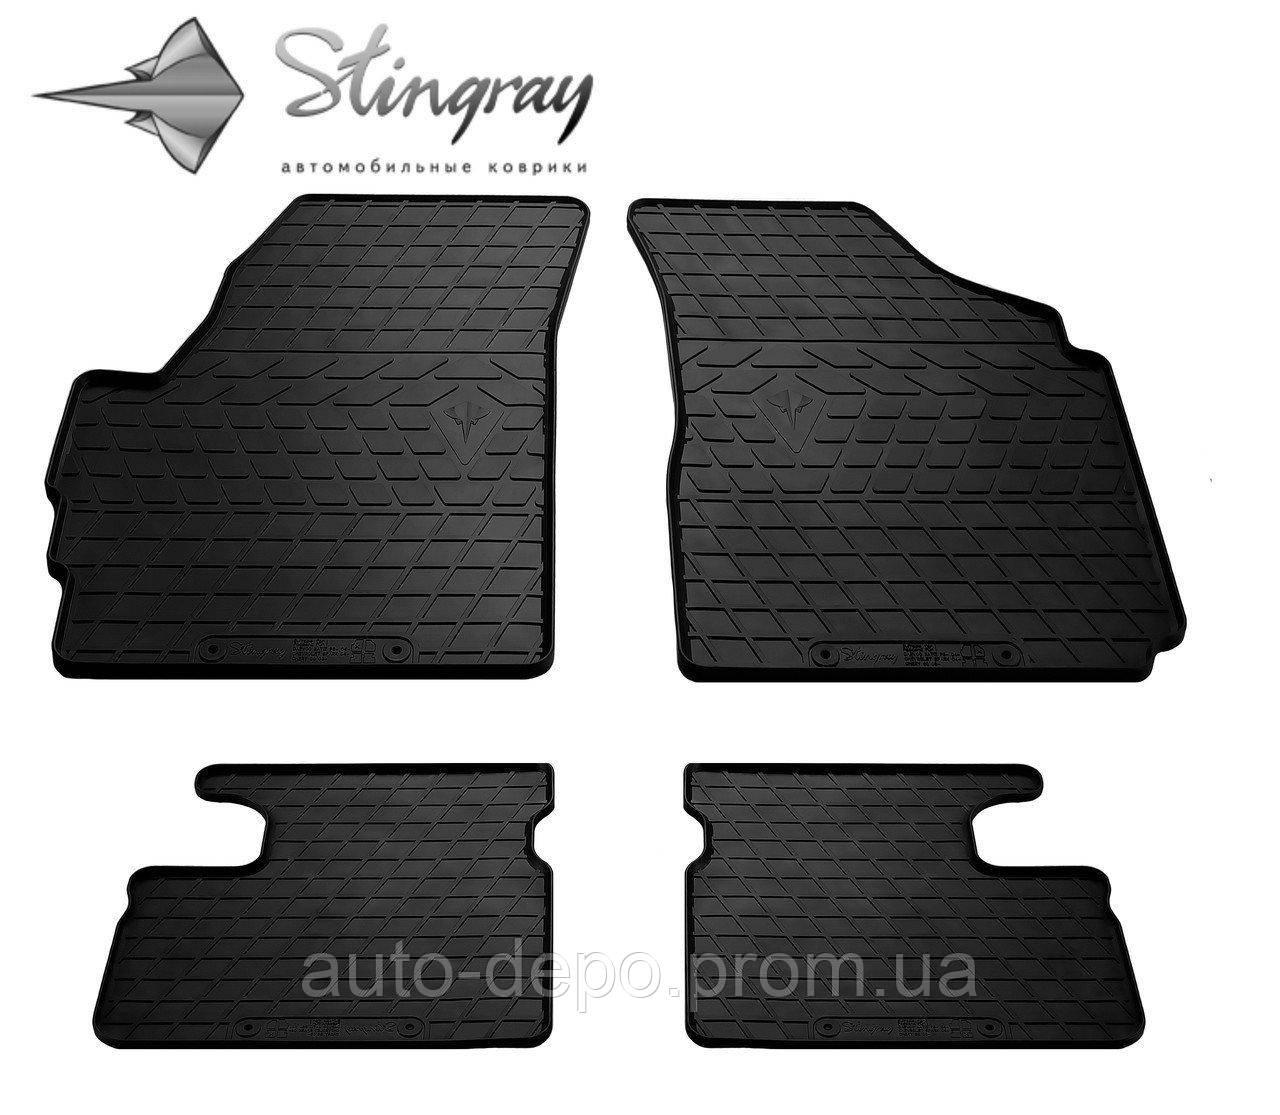 Автомобильные коврики для Chevrolet Spark (M200, M250) 2004- Stingray